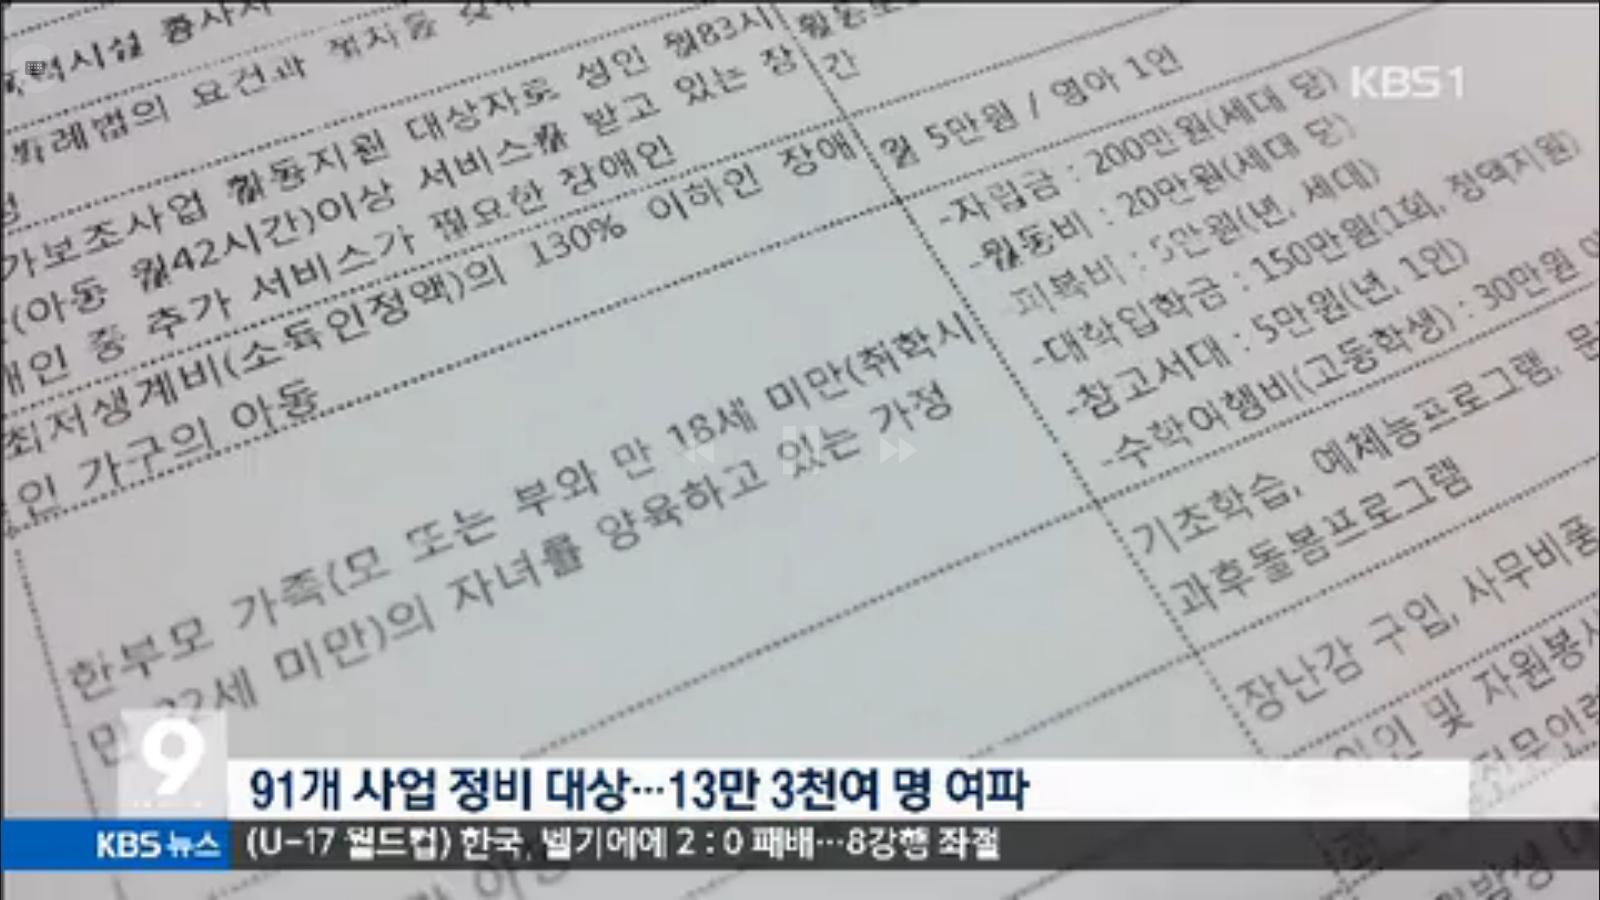 [15.10.29 KBS전주] 복지사업 정비..지자체 반발 커2.png